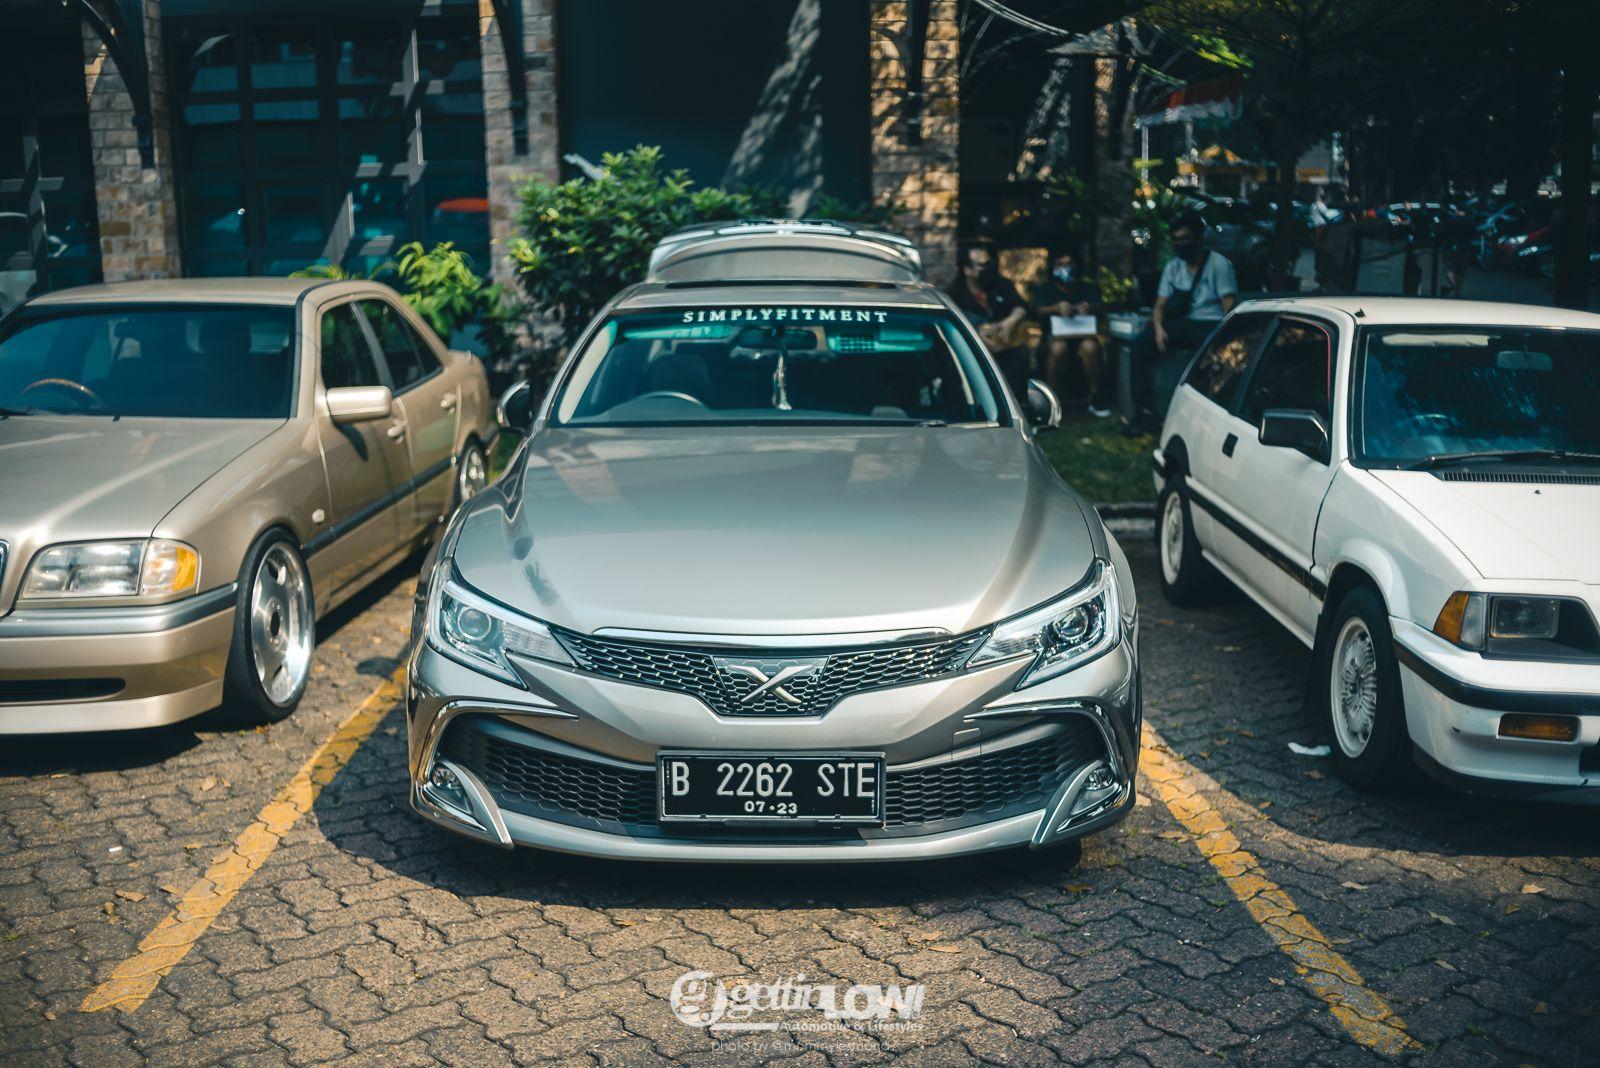 Ngumpul Kuy 6 Di Plaza Pondok Indah 2 2 Agustus 2020 Modifikasi Mobil Mobil Fotografi